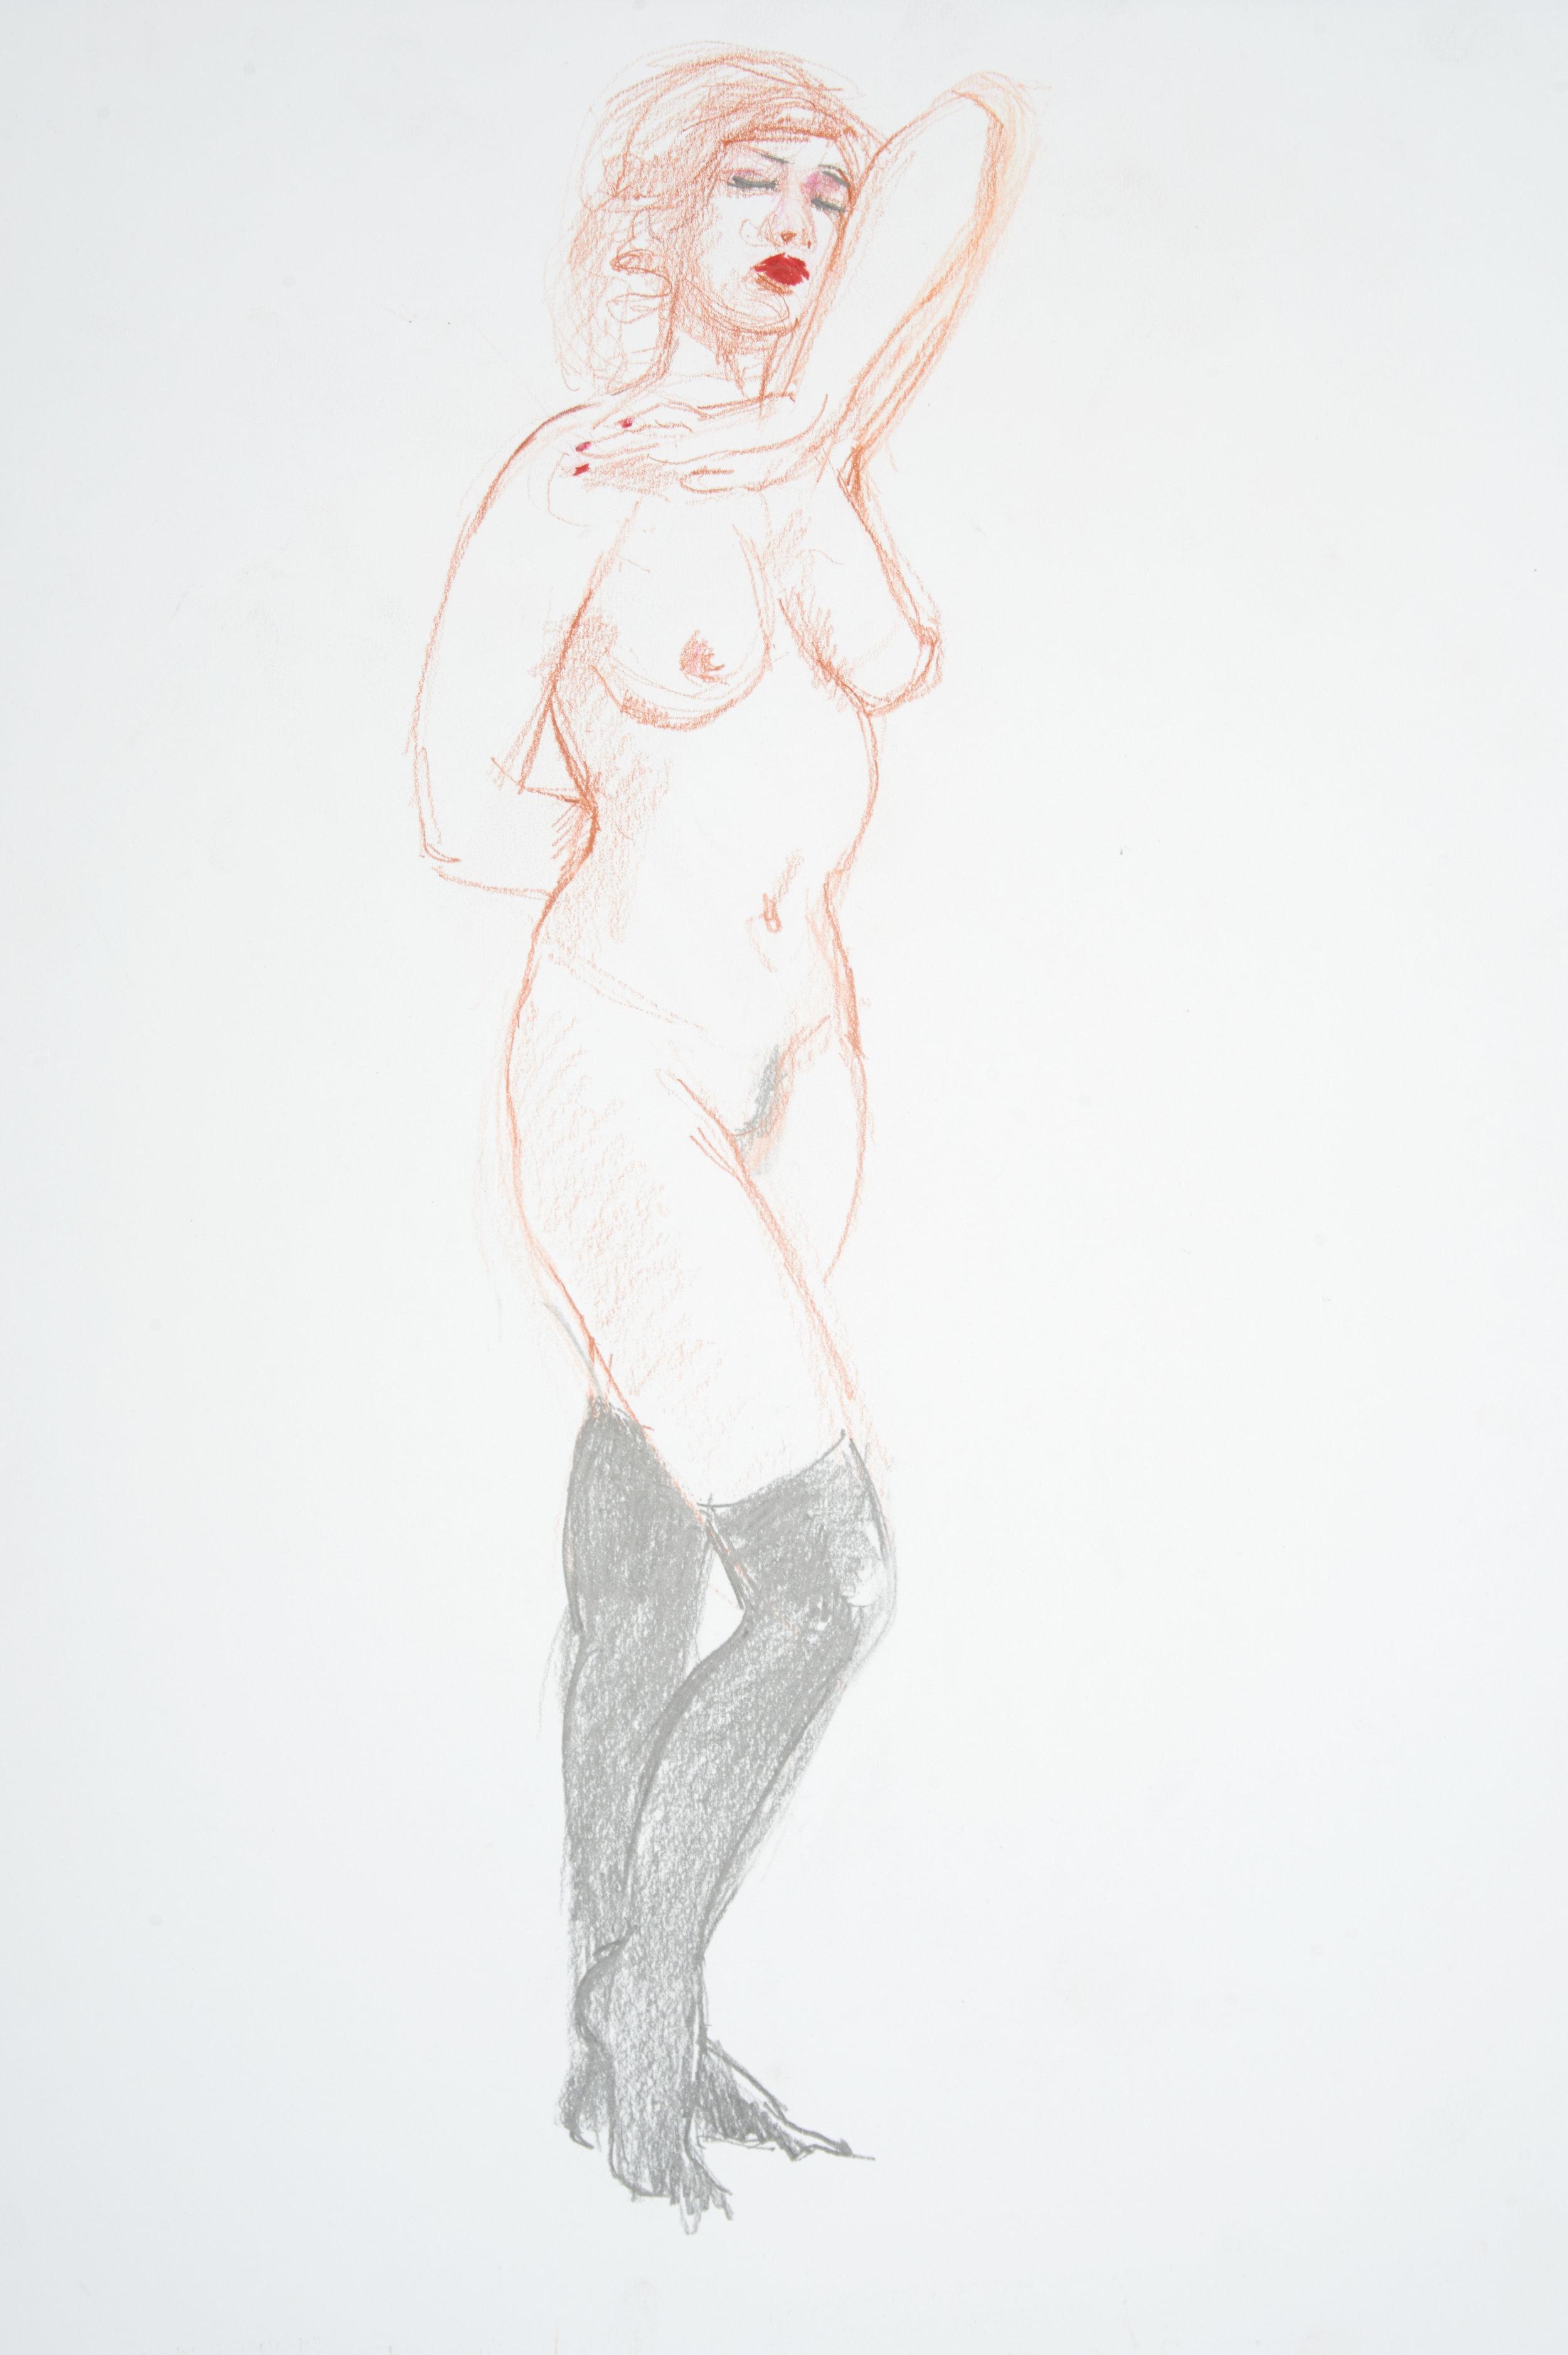 conte, graphite, coloured pastel on paper  A2